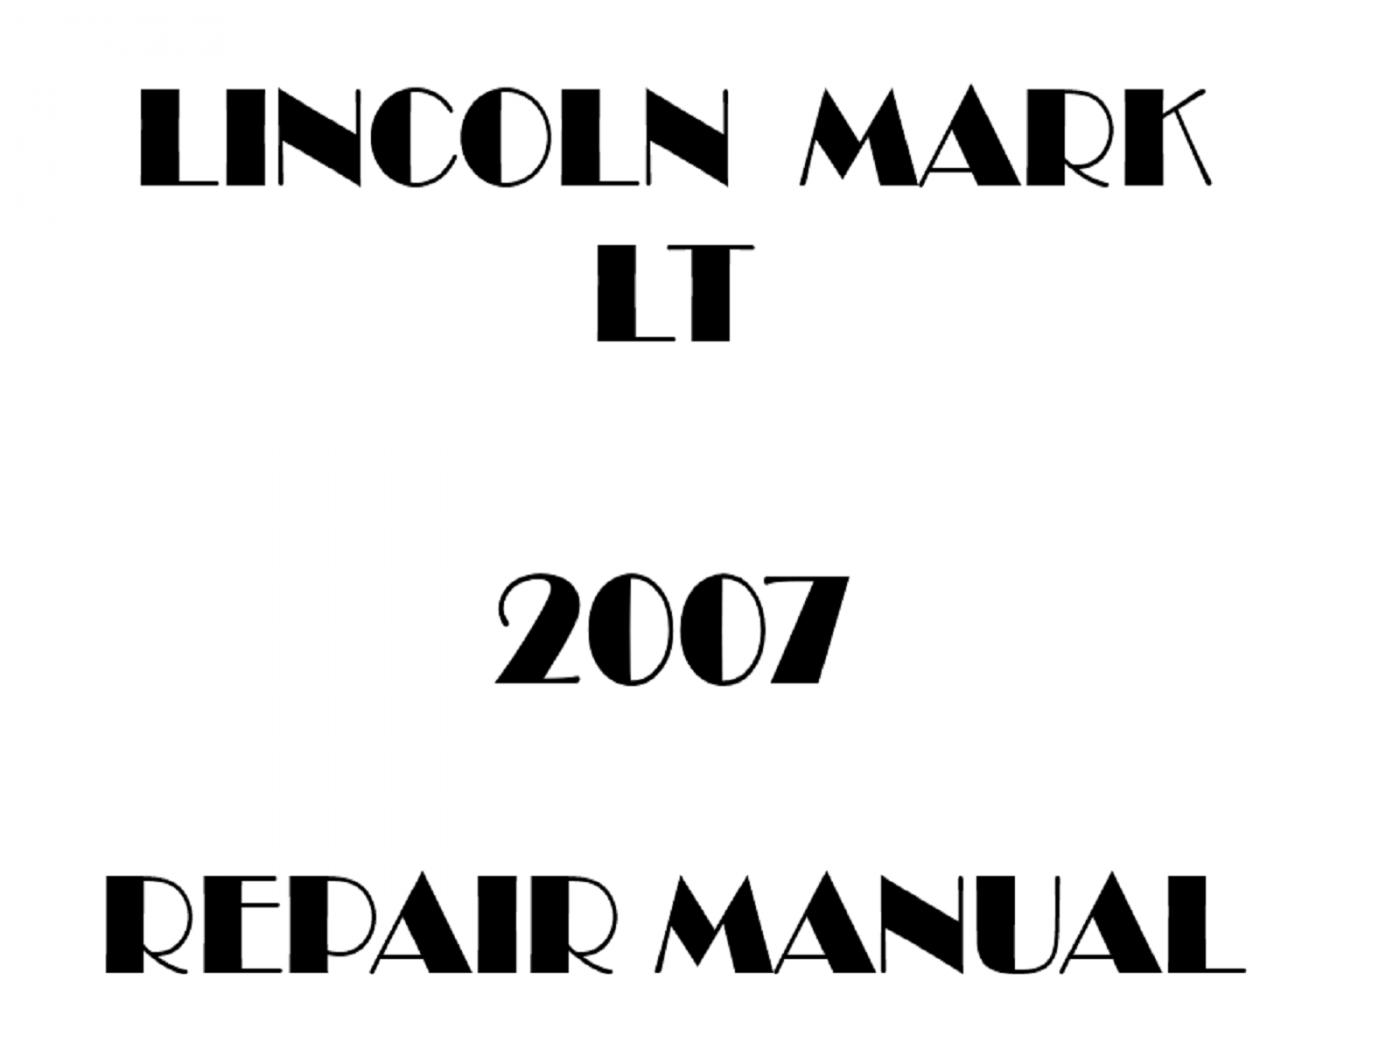 2007 Lincoln Mark LT repair manual